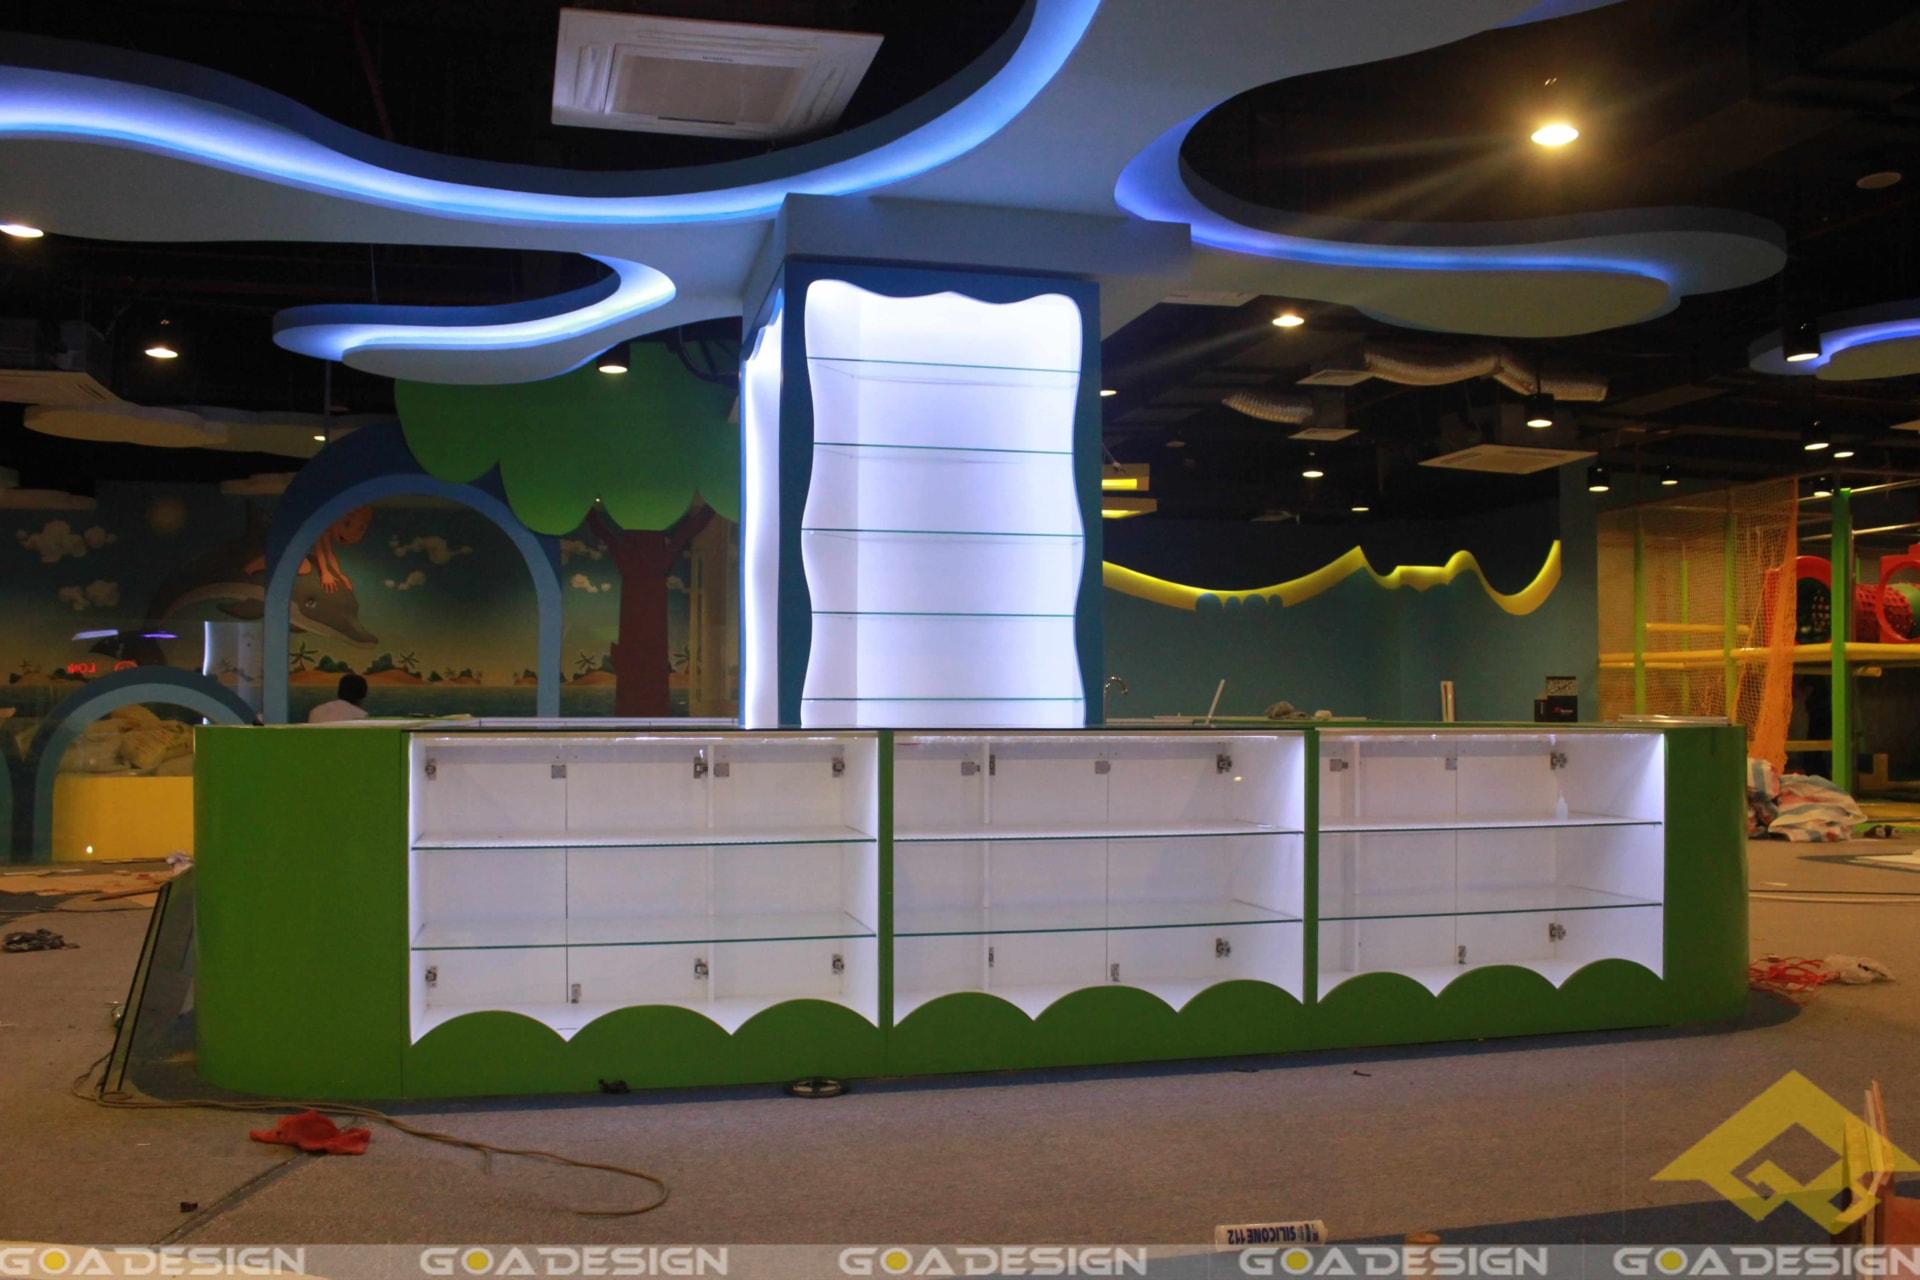 GOADESIGN Thiết kế khu vui chơi Kidzone Vũng Tàu (14)